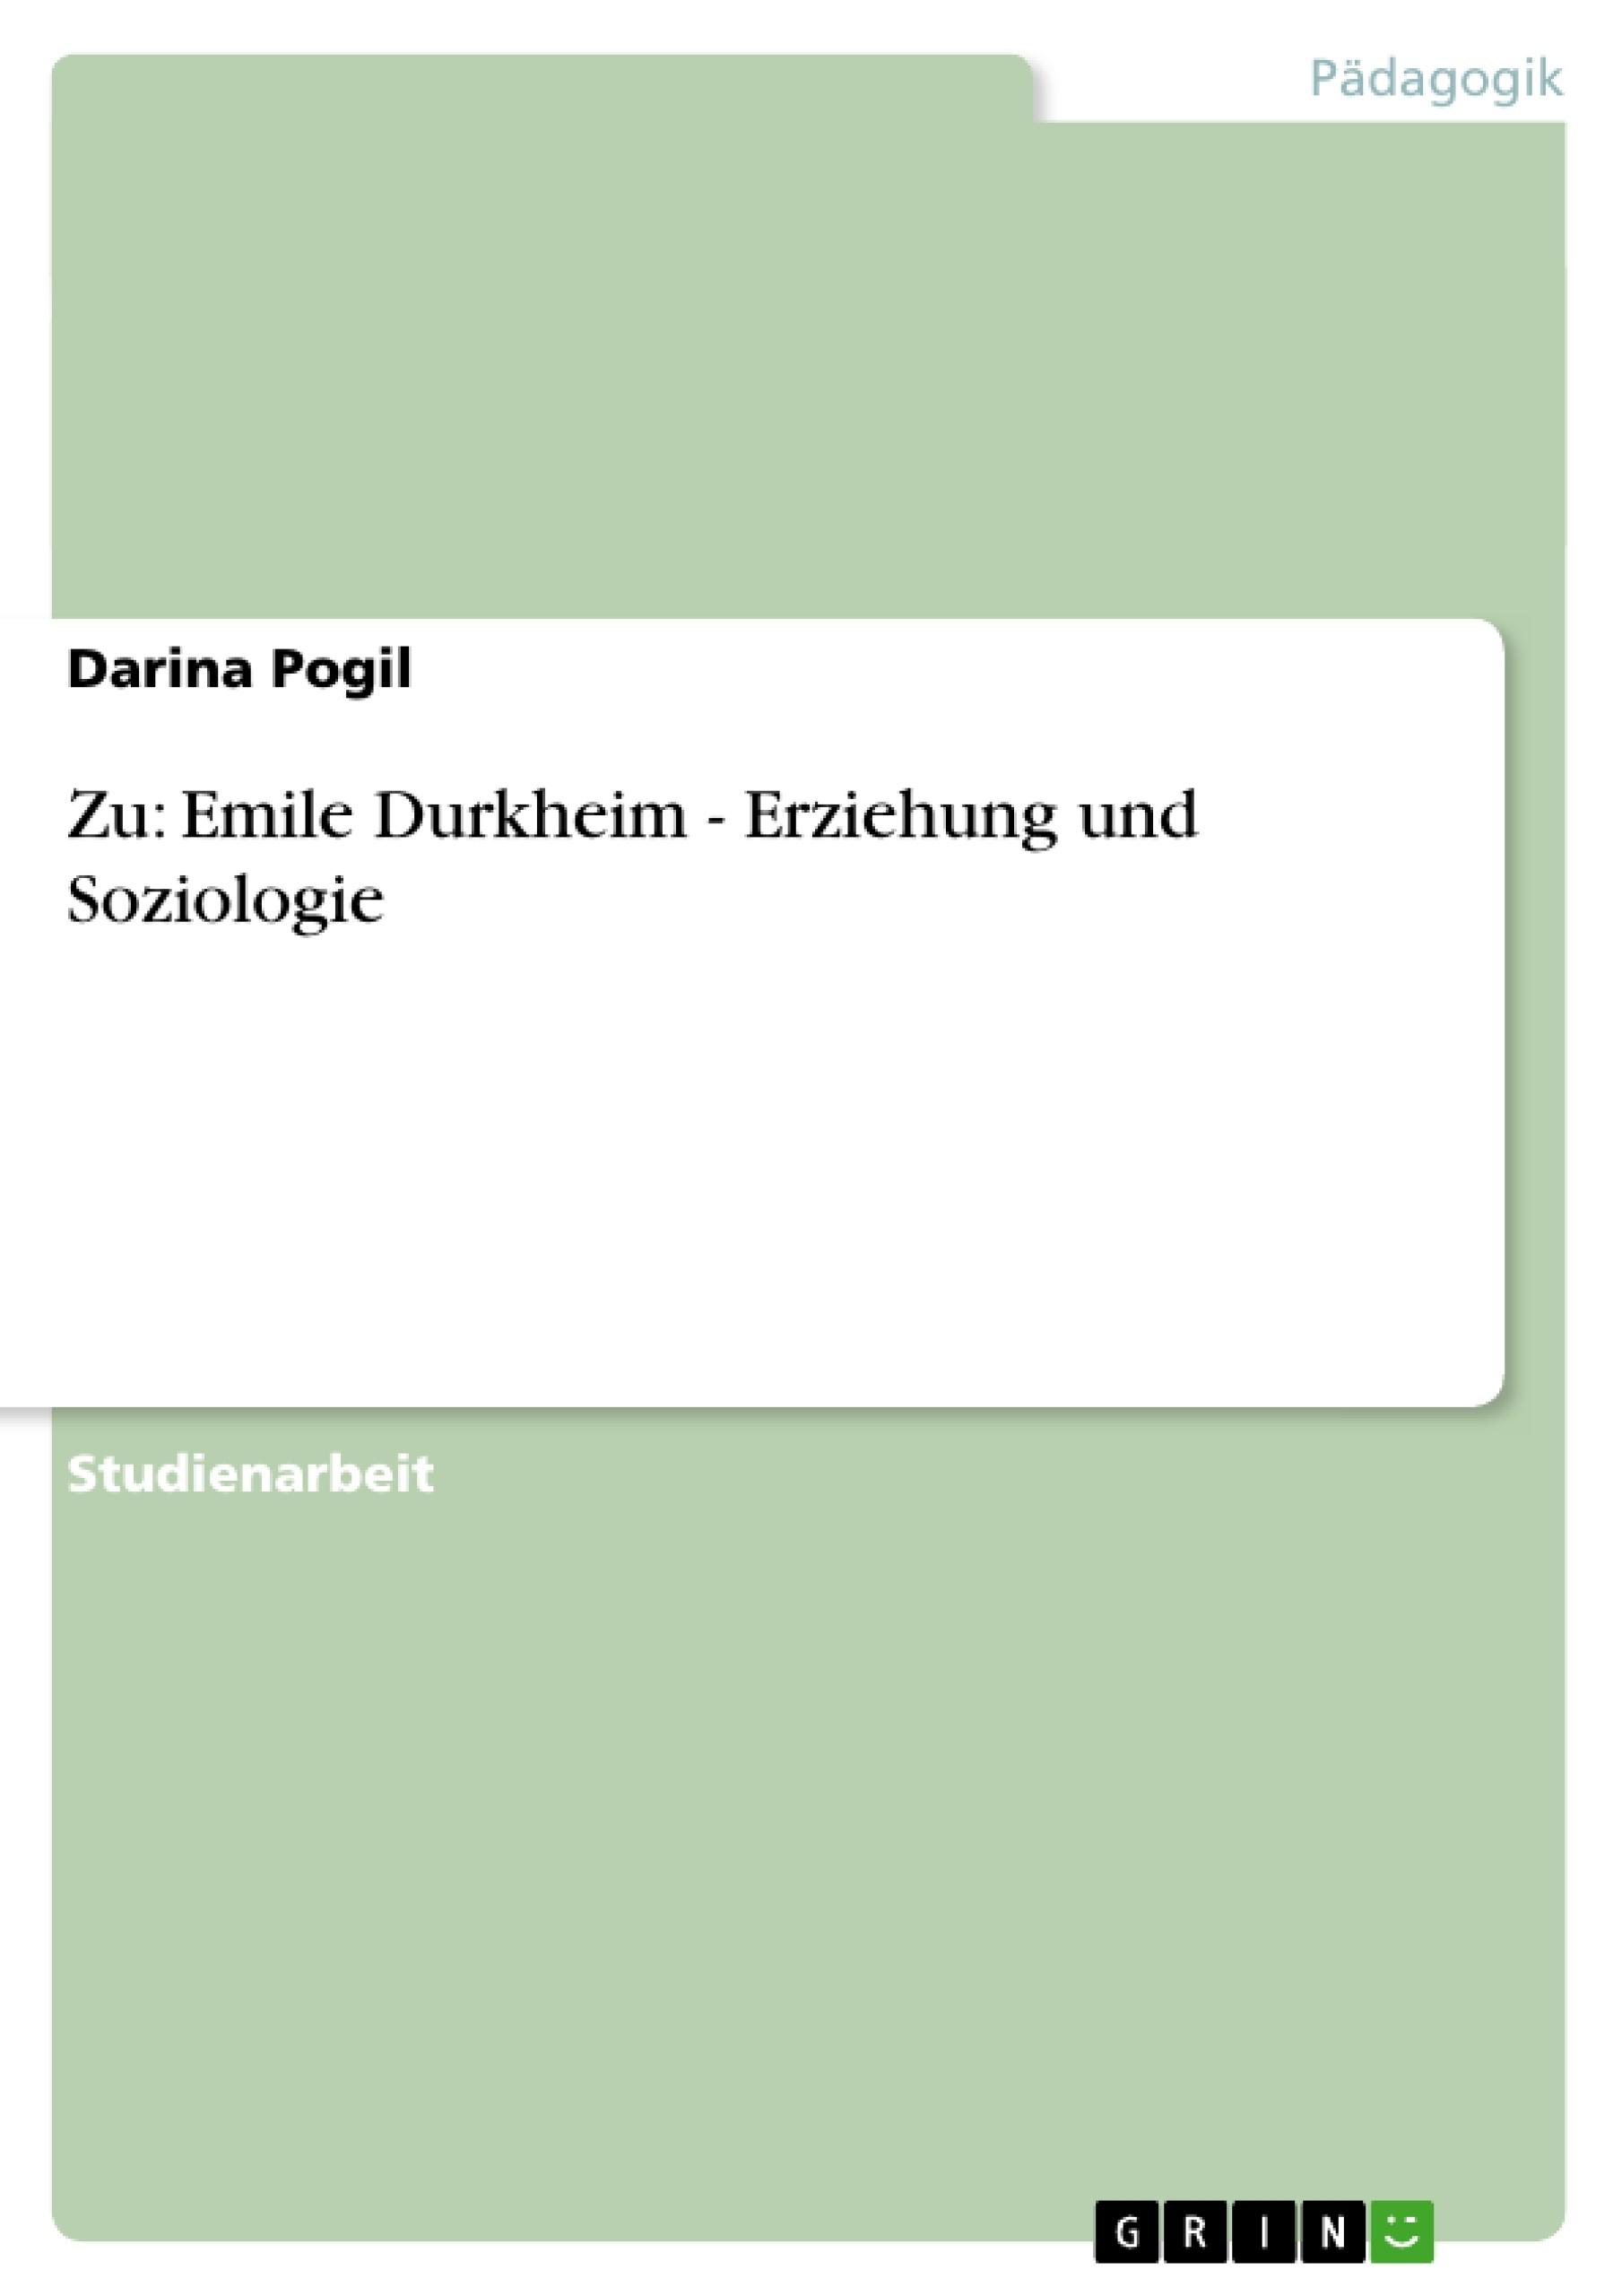 Titel: Zu: Emile Durkheim - Erziehung und Soziologie